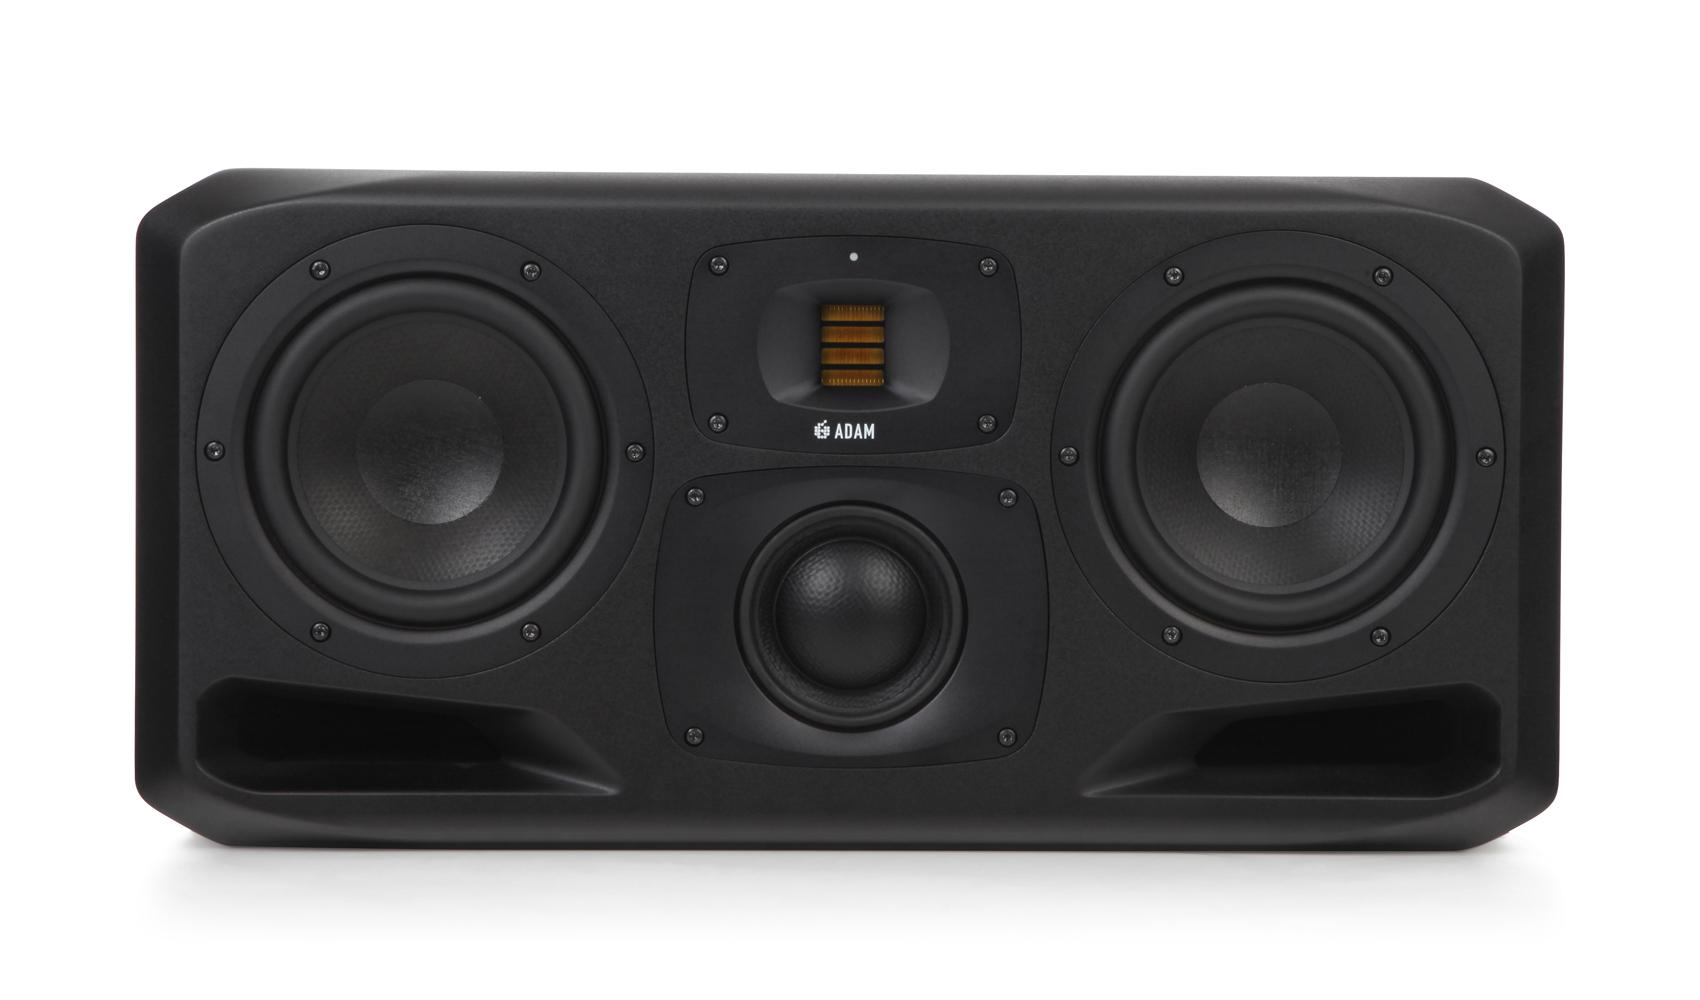 ADAMS3H双7寸低音大型有源监听音箱